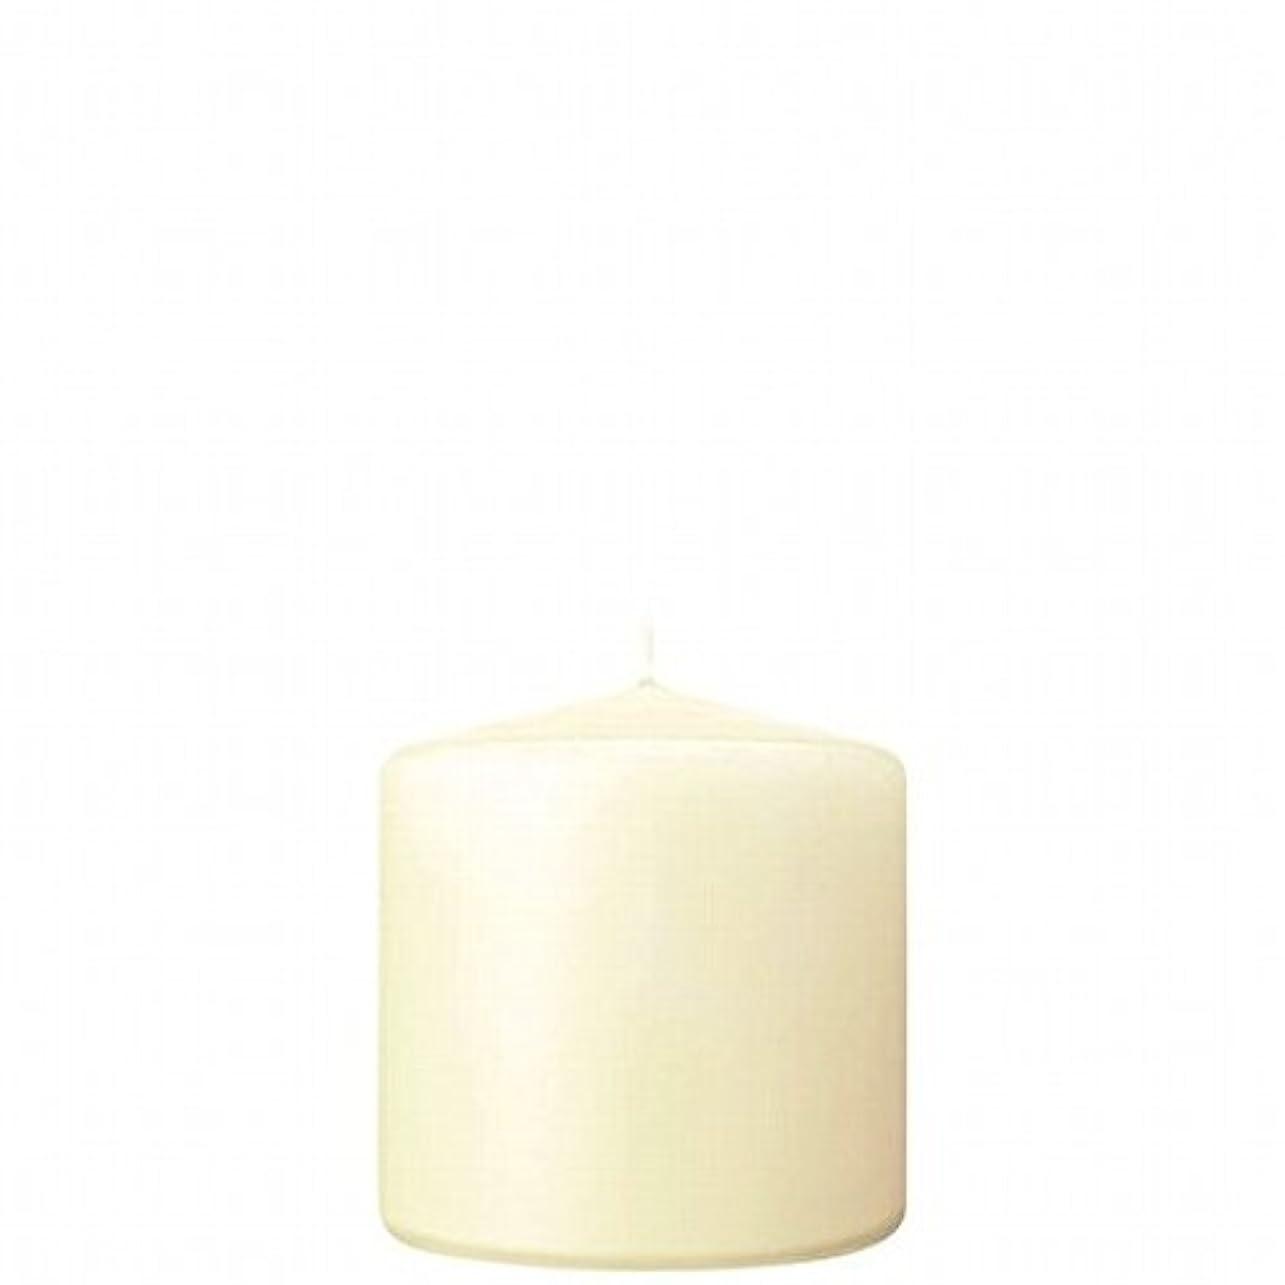 最大限スイヒューズkameyama candle(カメヤマキャンドル) 3×3ベルトップピラーキャンドル 「 アイボリー 」(A9730000IV)